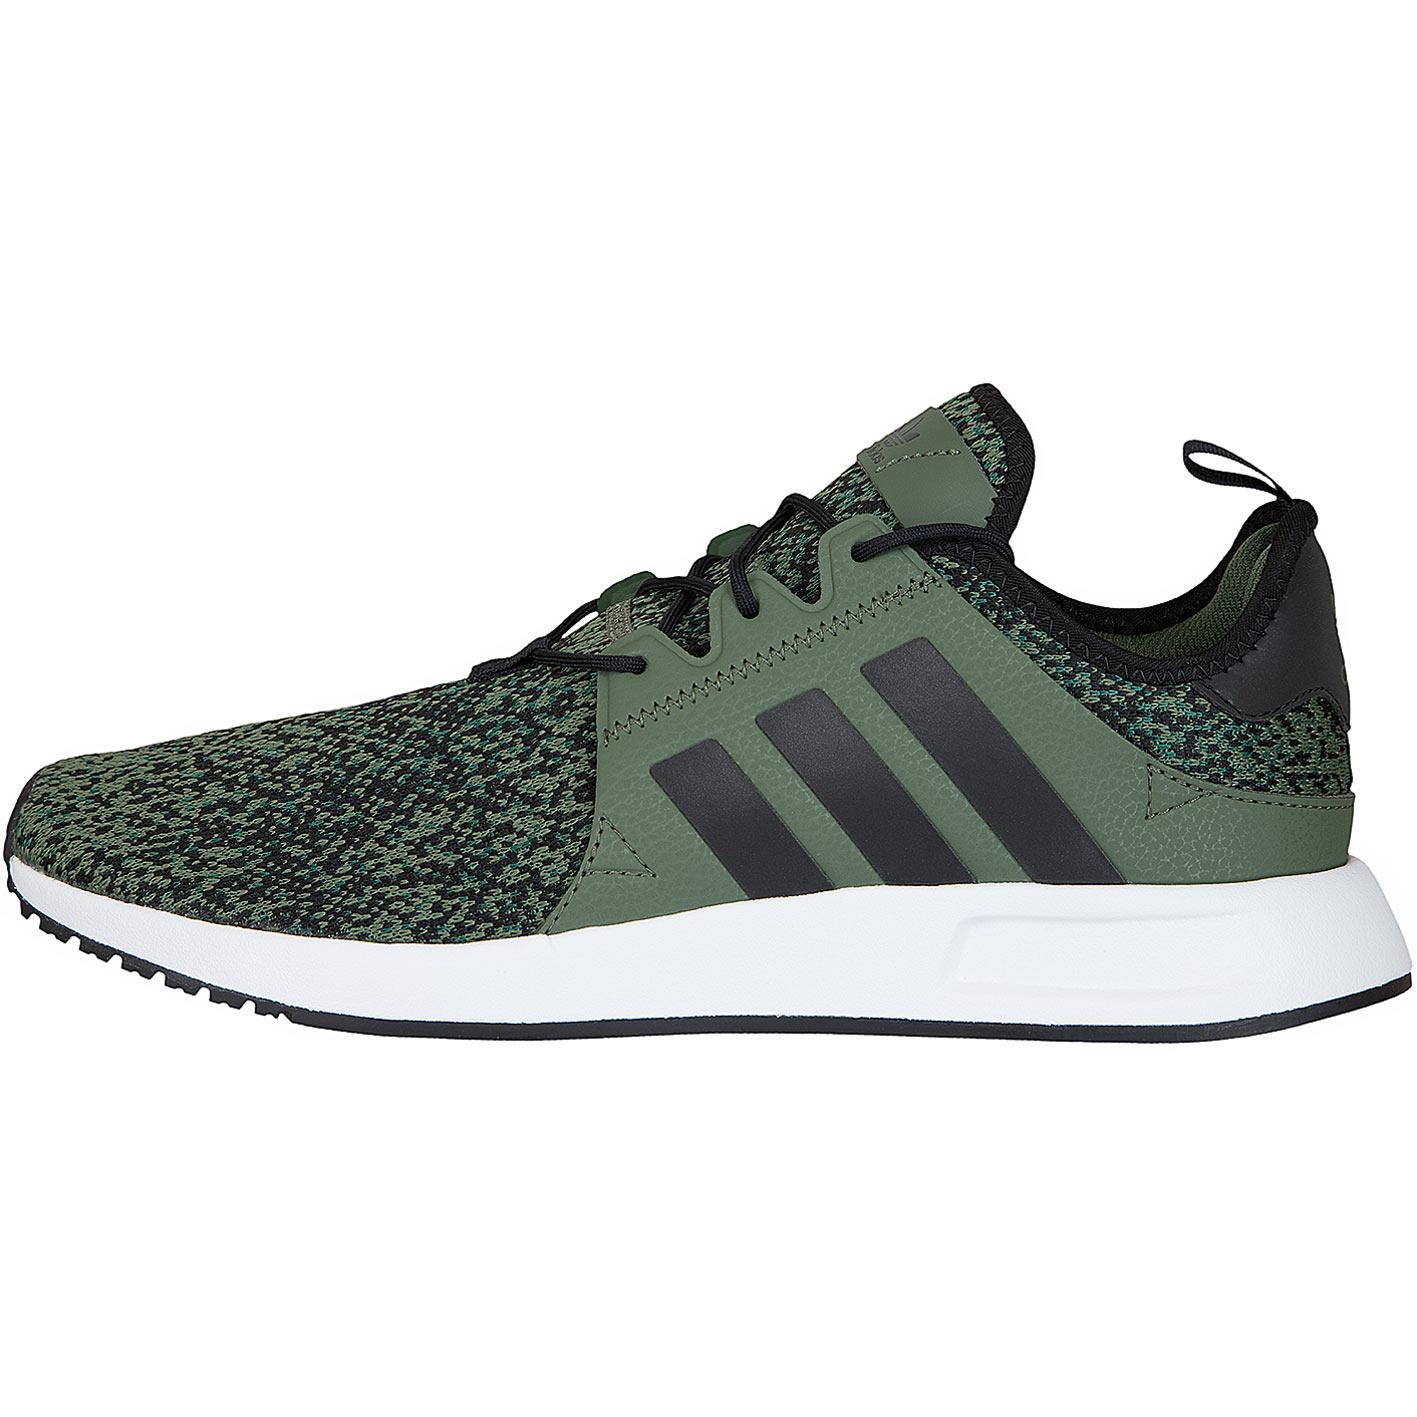 a7c6fedc1e831d ☆ Adidas Originals Sneaker X PLR grün schwarz - hier bestellen!